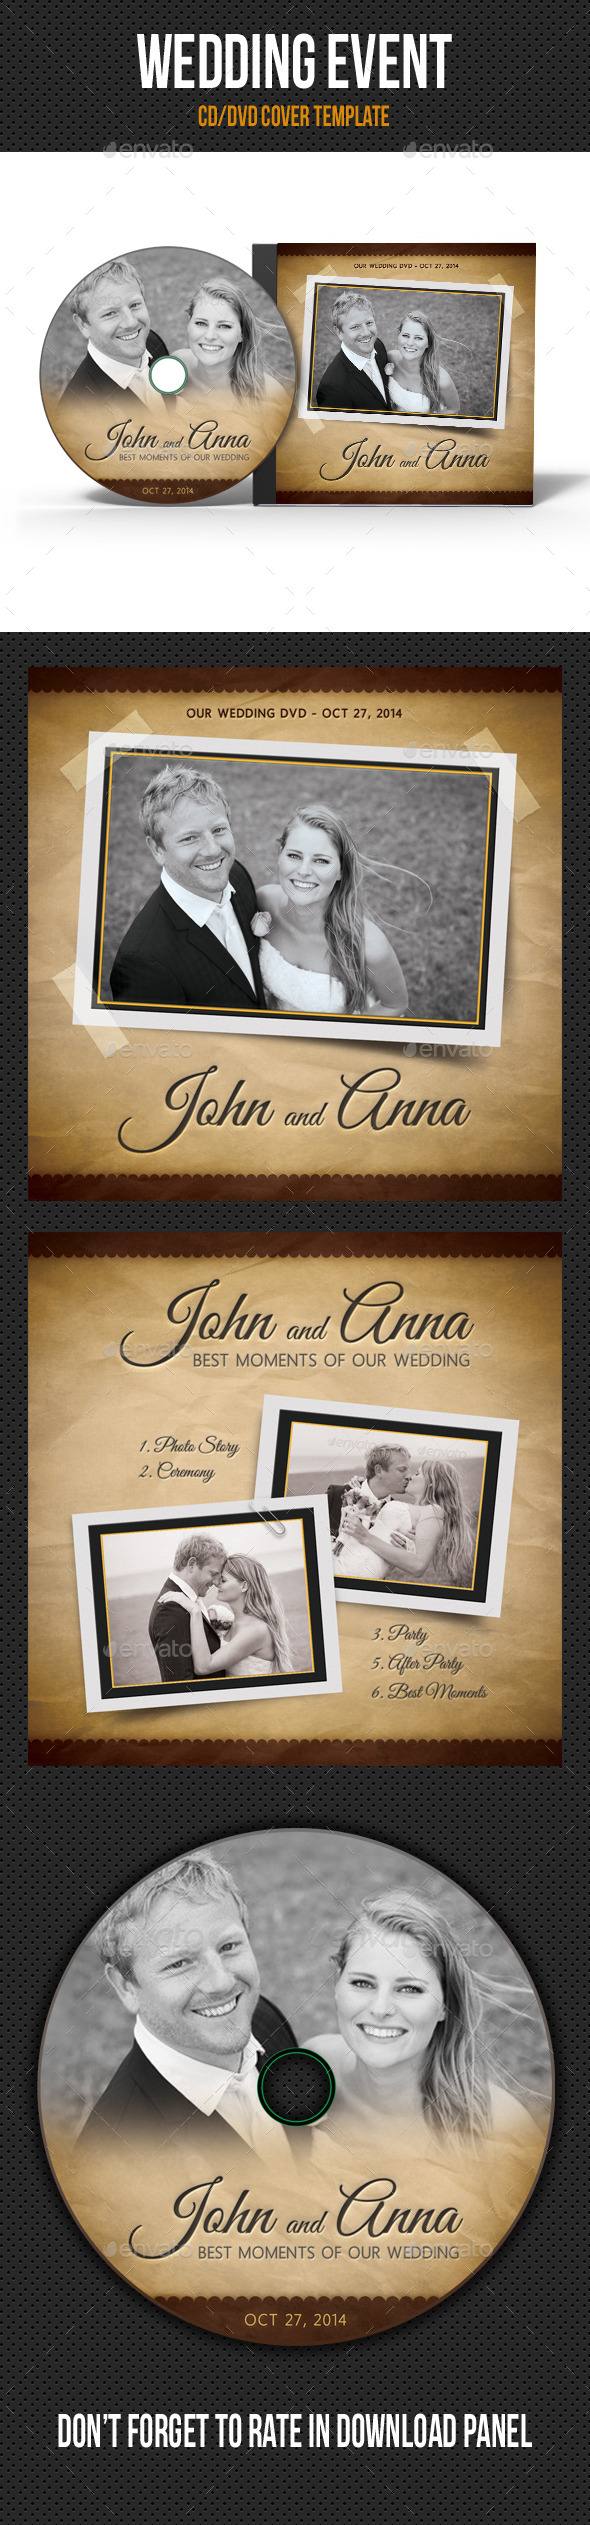 Retro Wedding Event CD Cover V03